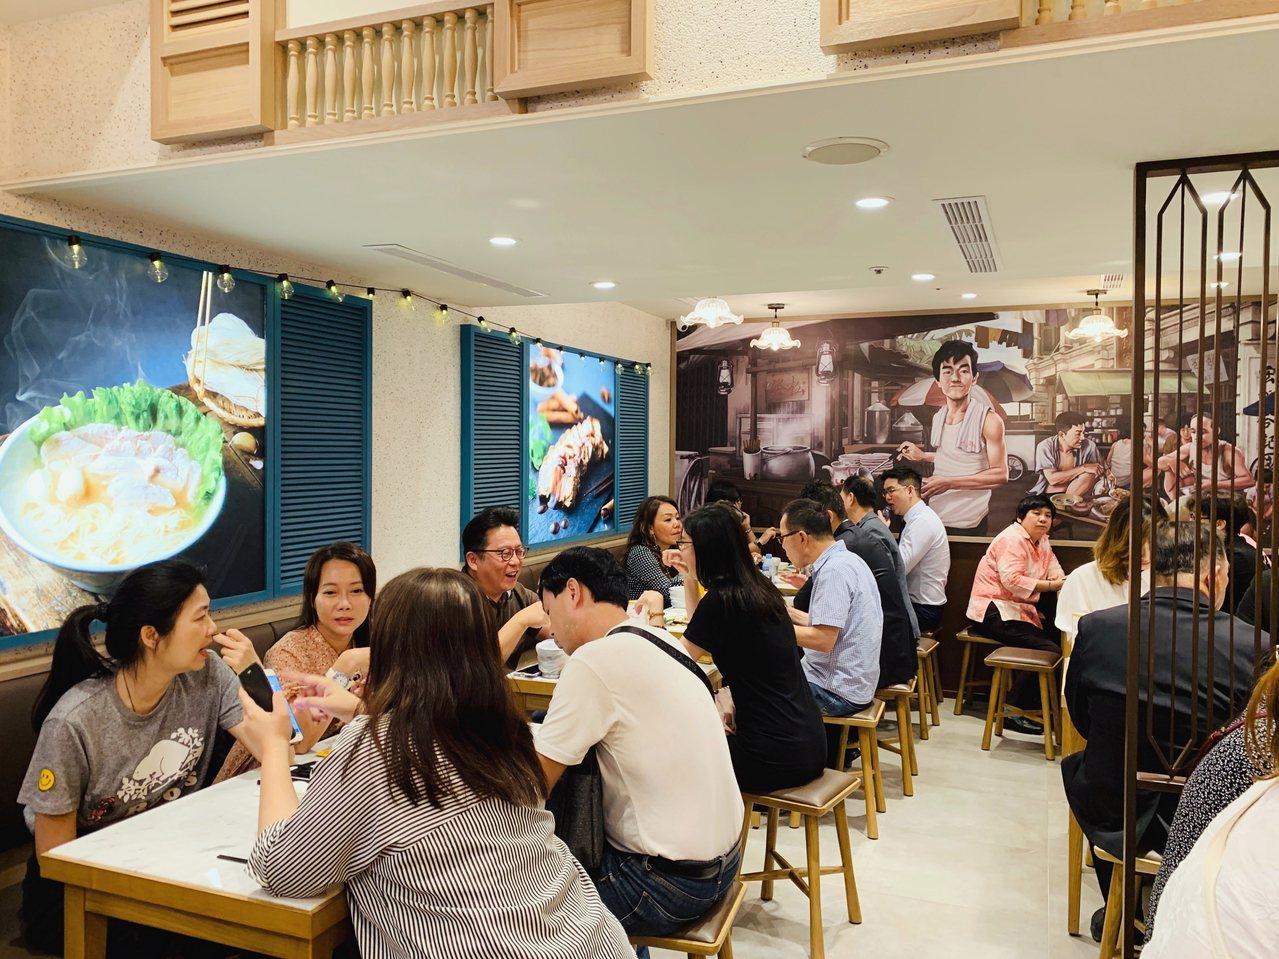 「松發肉骨茶」店面設計帶有早期南洋的懷舊風。記者張芳瑜/攝影